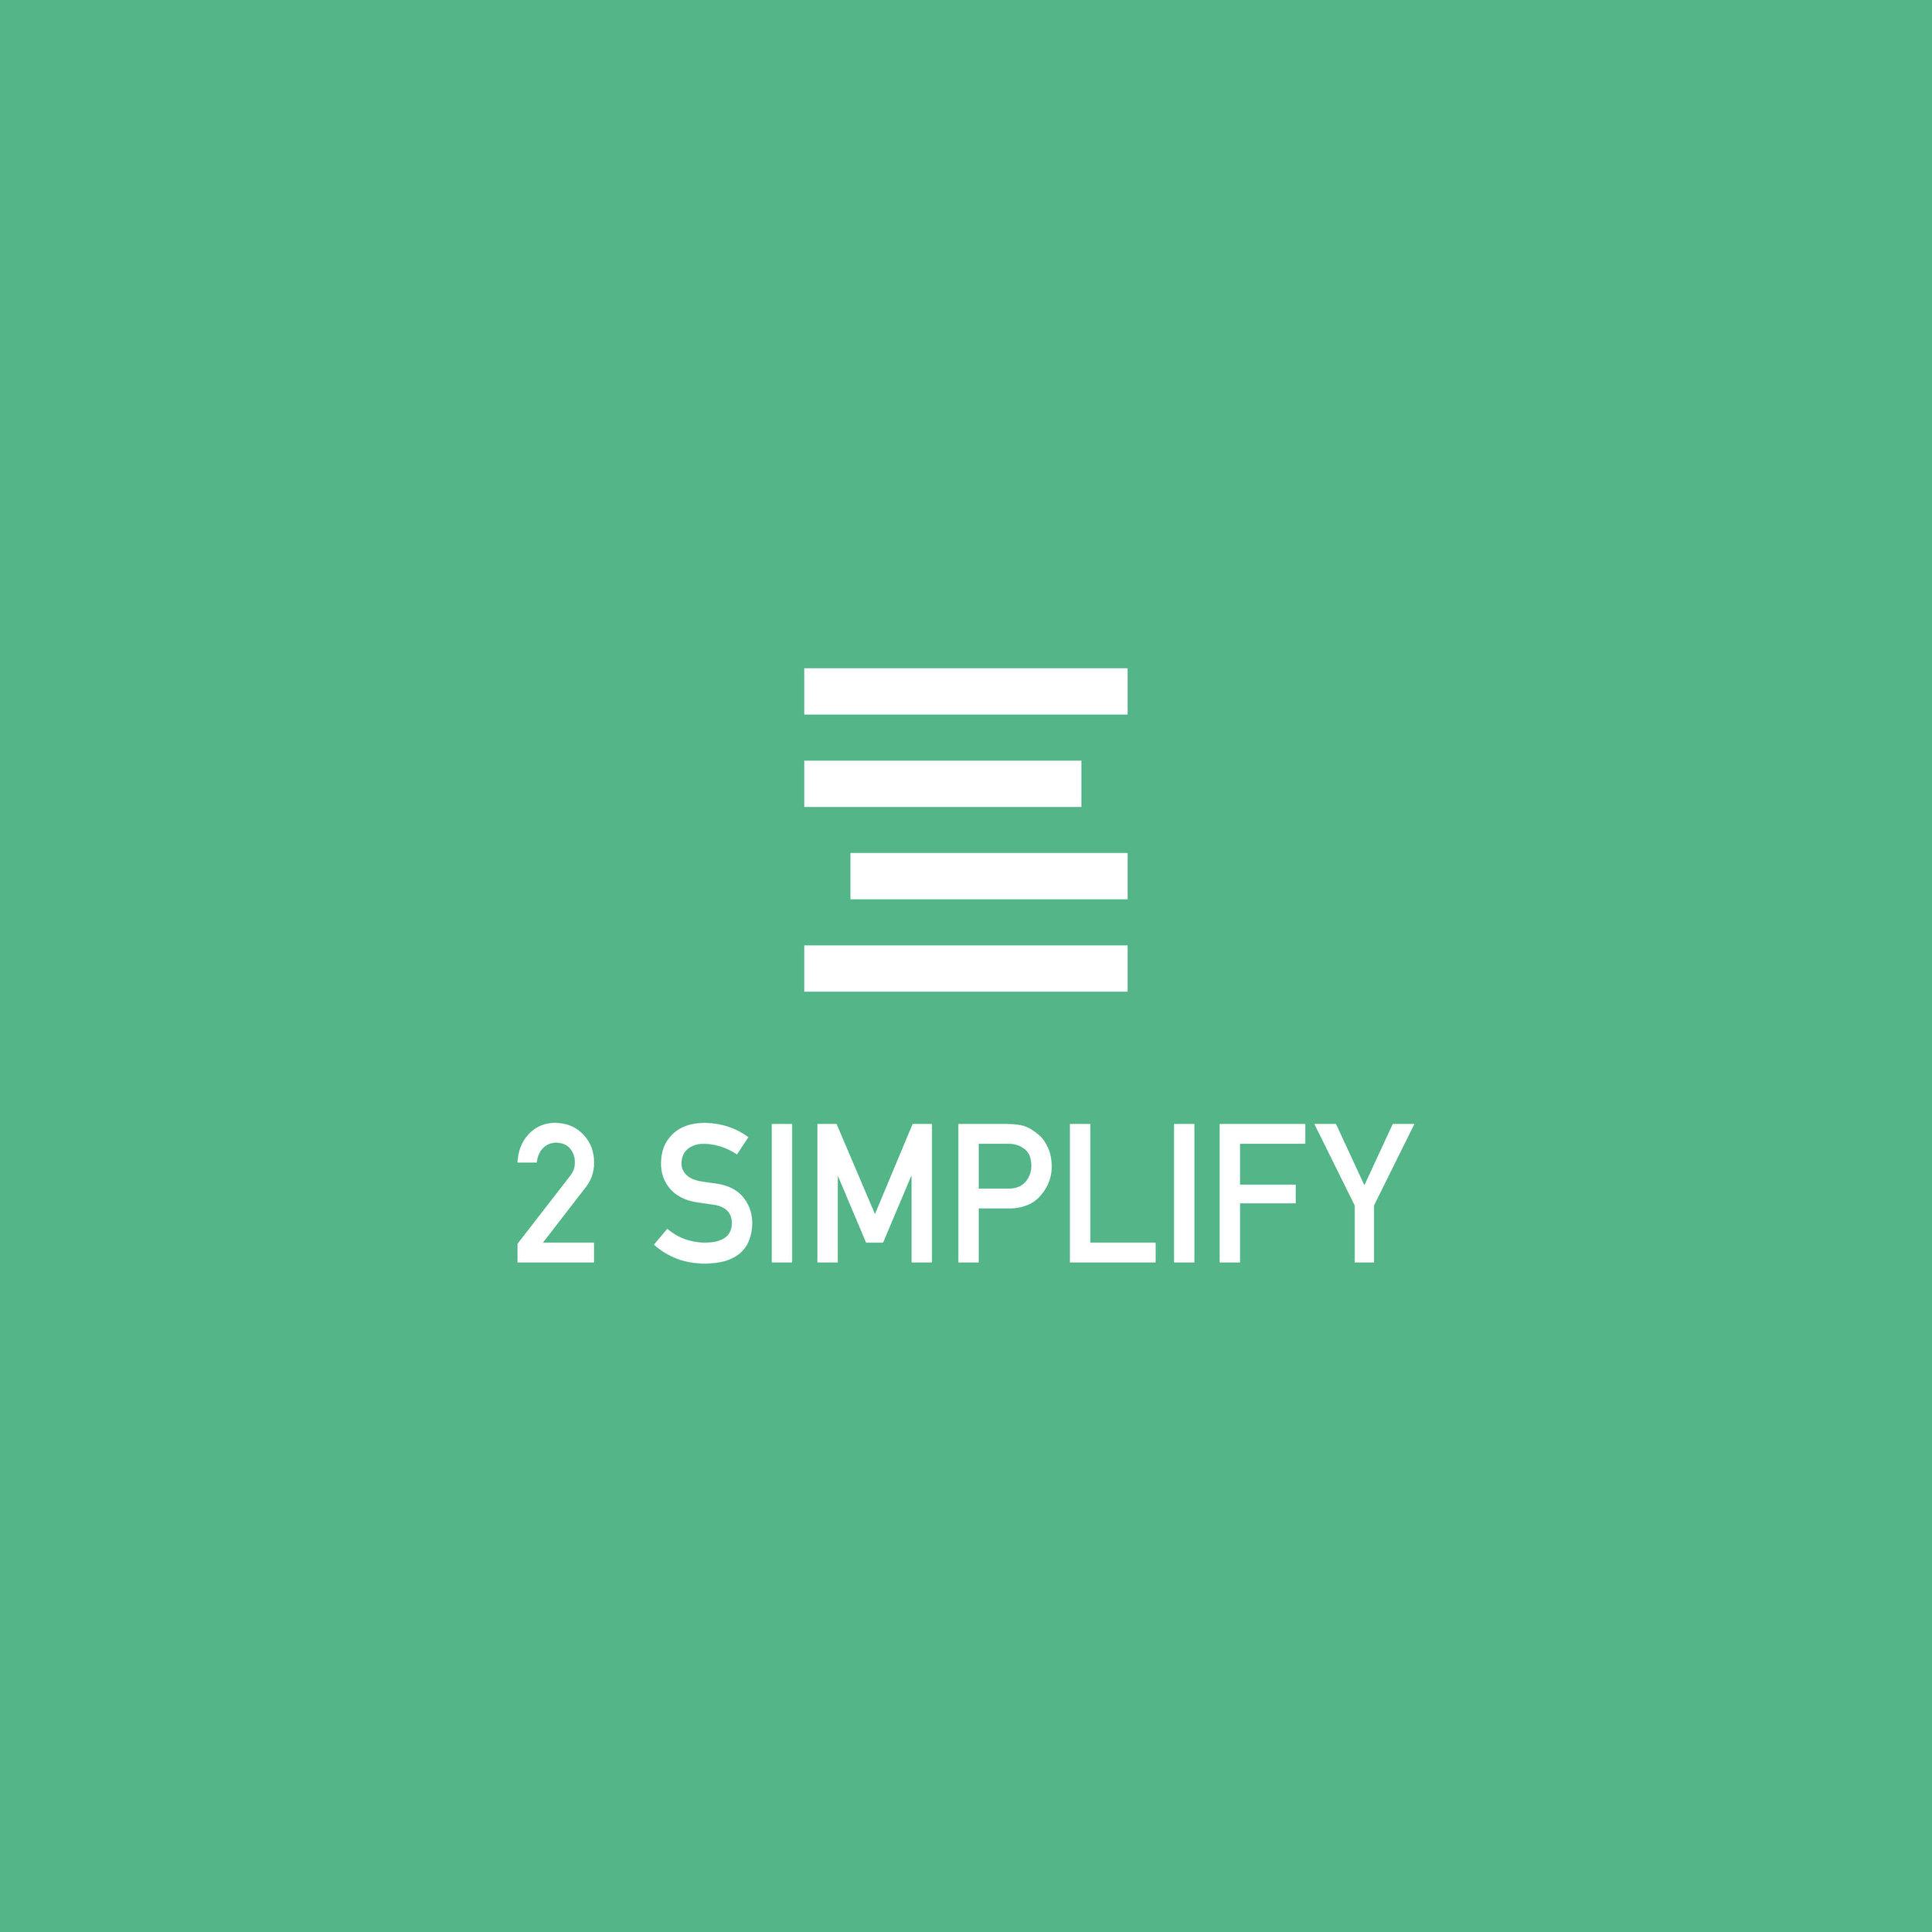 2 SIMPLIFY - 2 Simplify staat in voor de projectopvolging, het advies en de optimalisatie van bedrijven. Zo kunnen zij zich focussen op hun core business en brengt 2 Simplify alle bijkomende zaken in orde. Schoenmaker blijf bij uw leest!Ohja, spot jij eerst de S of de 2 in het logo?www.2simplify.be